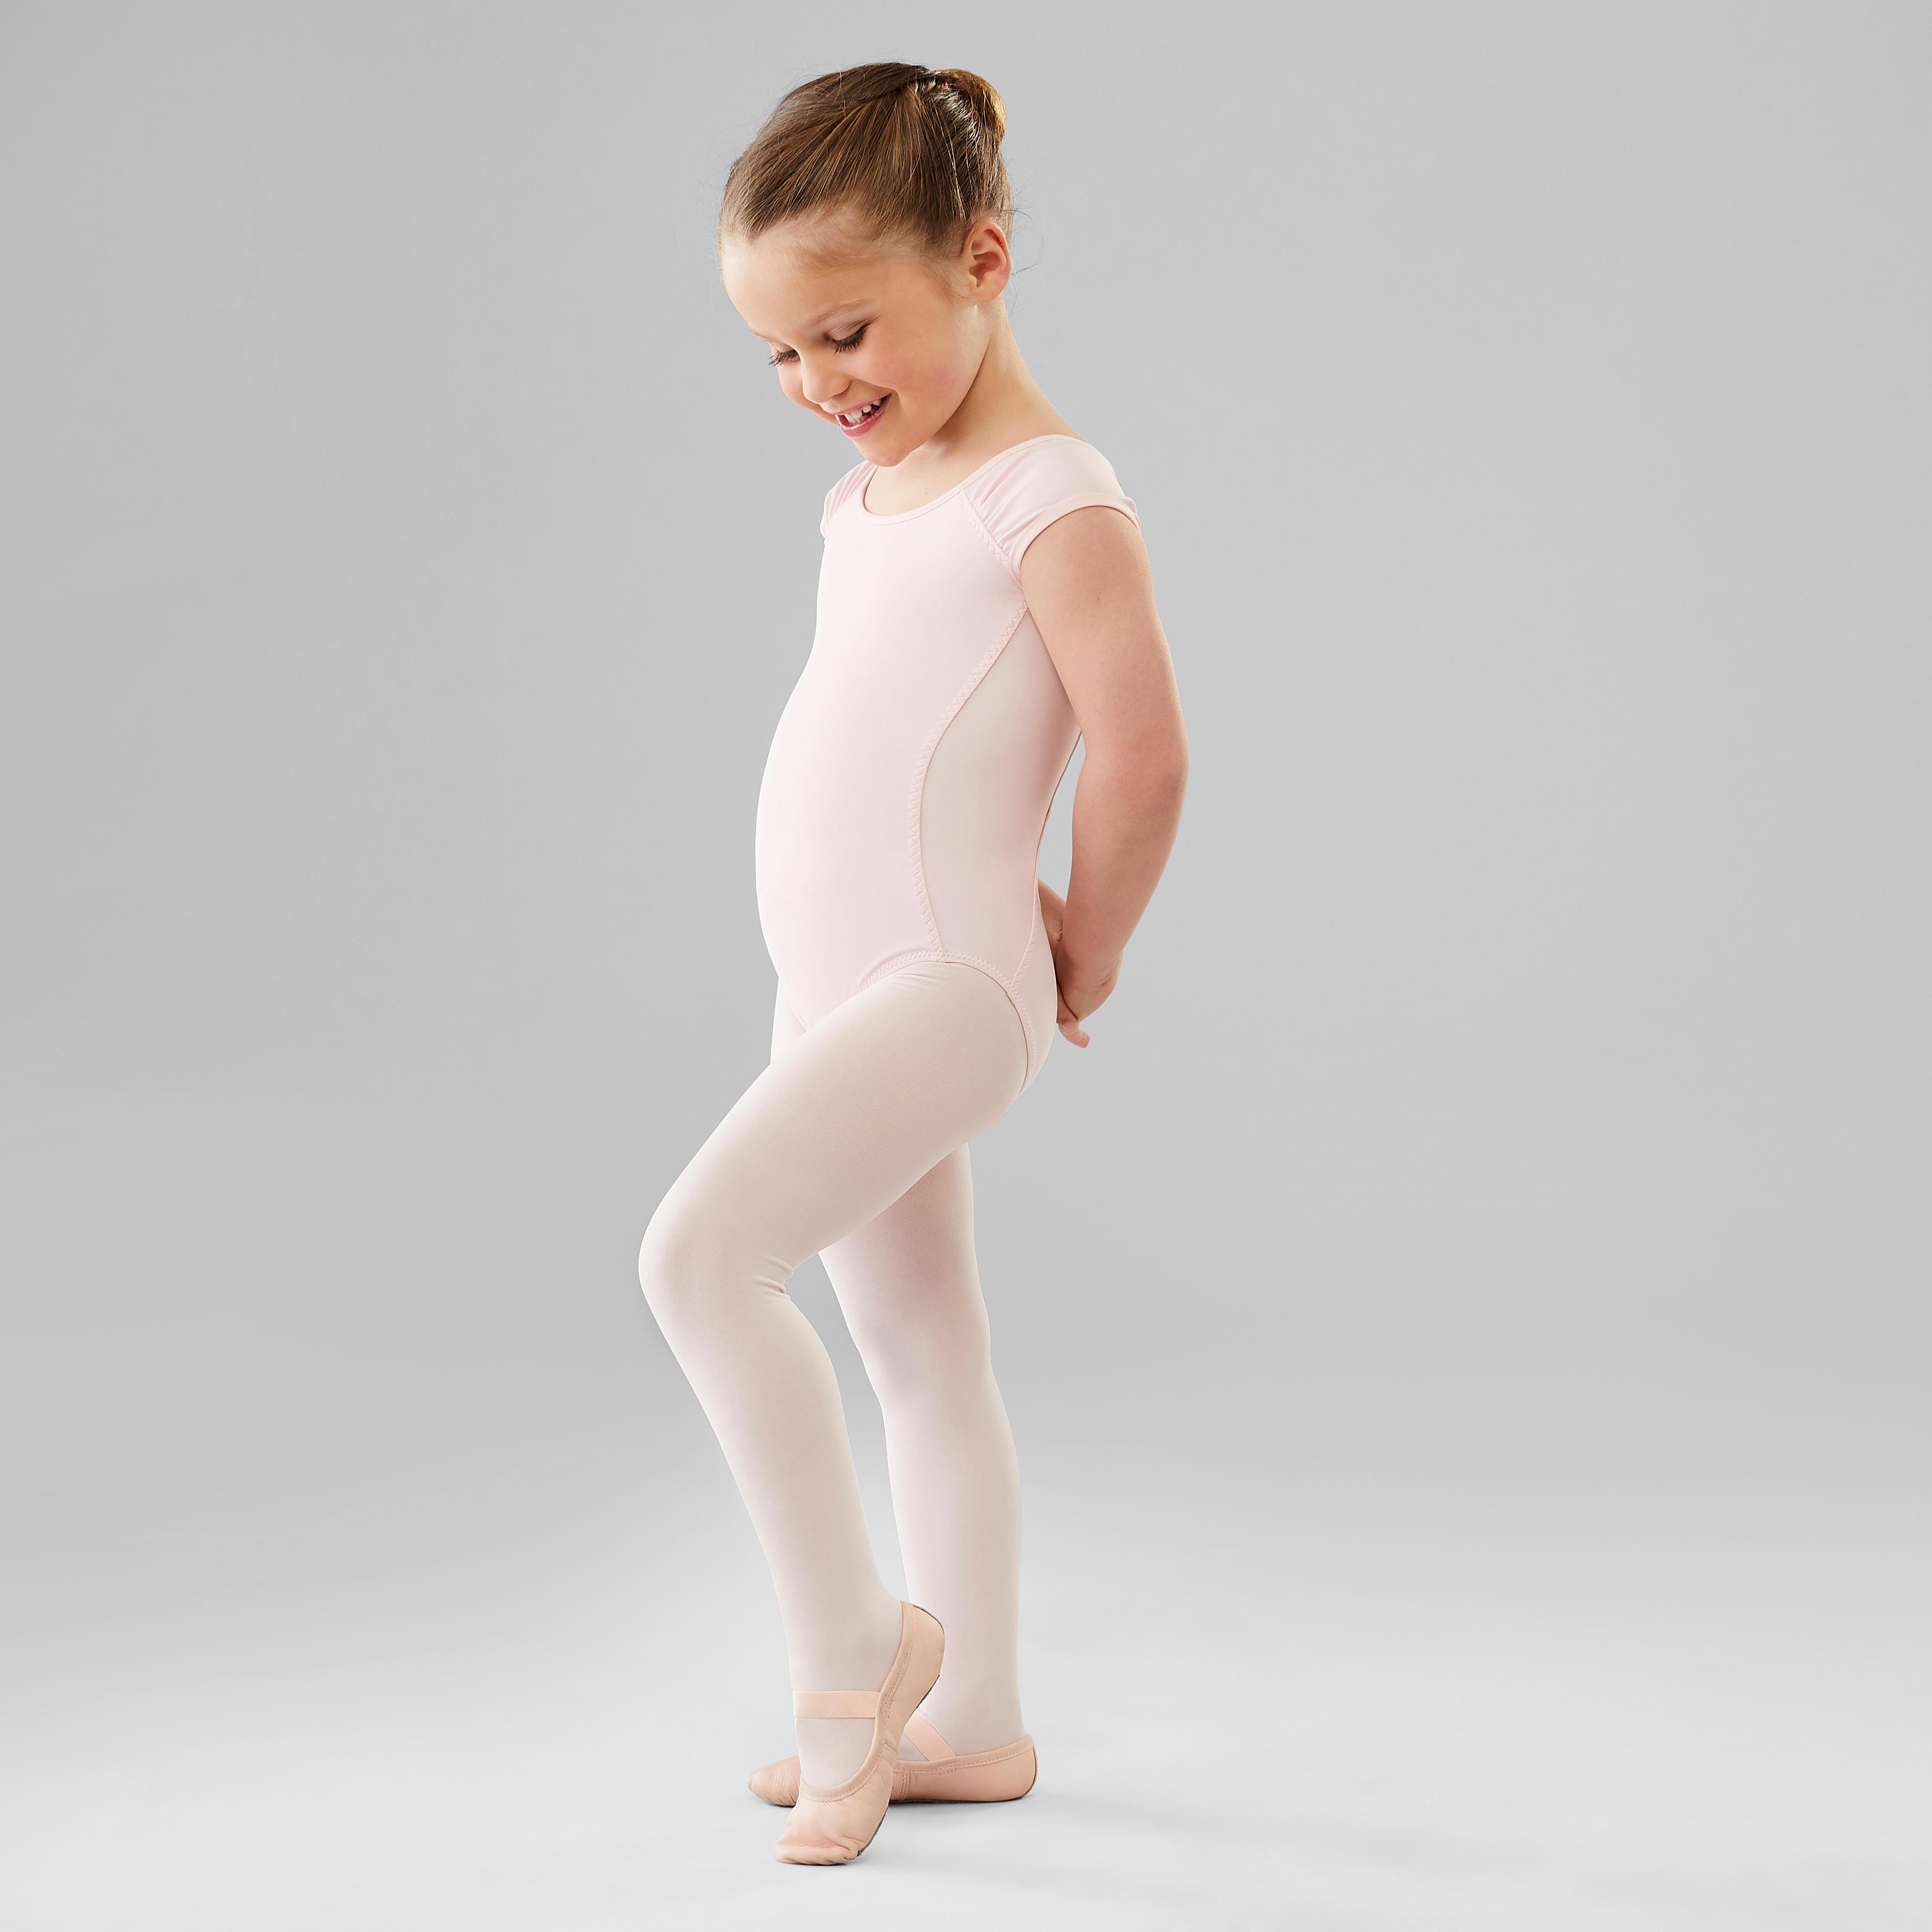 Doubleer Enfants Camisole Sans Couture Gymnastique Justaucorps Filles De Danse Ballet V/êtements